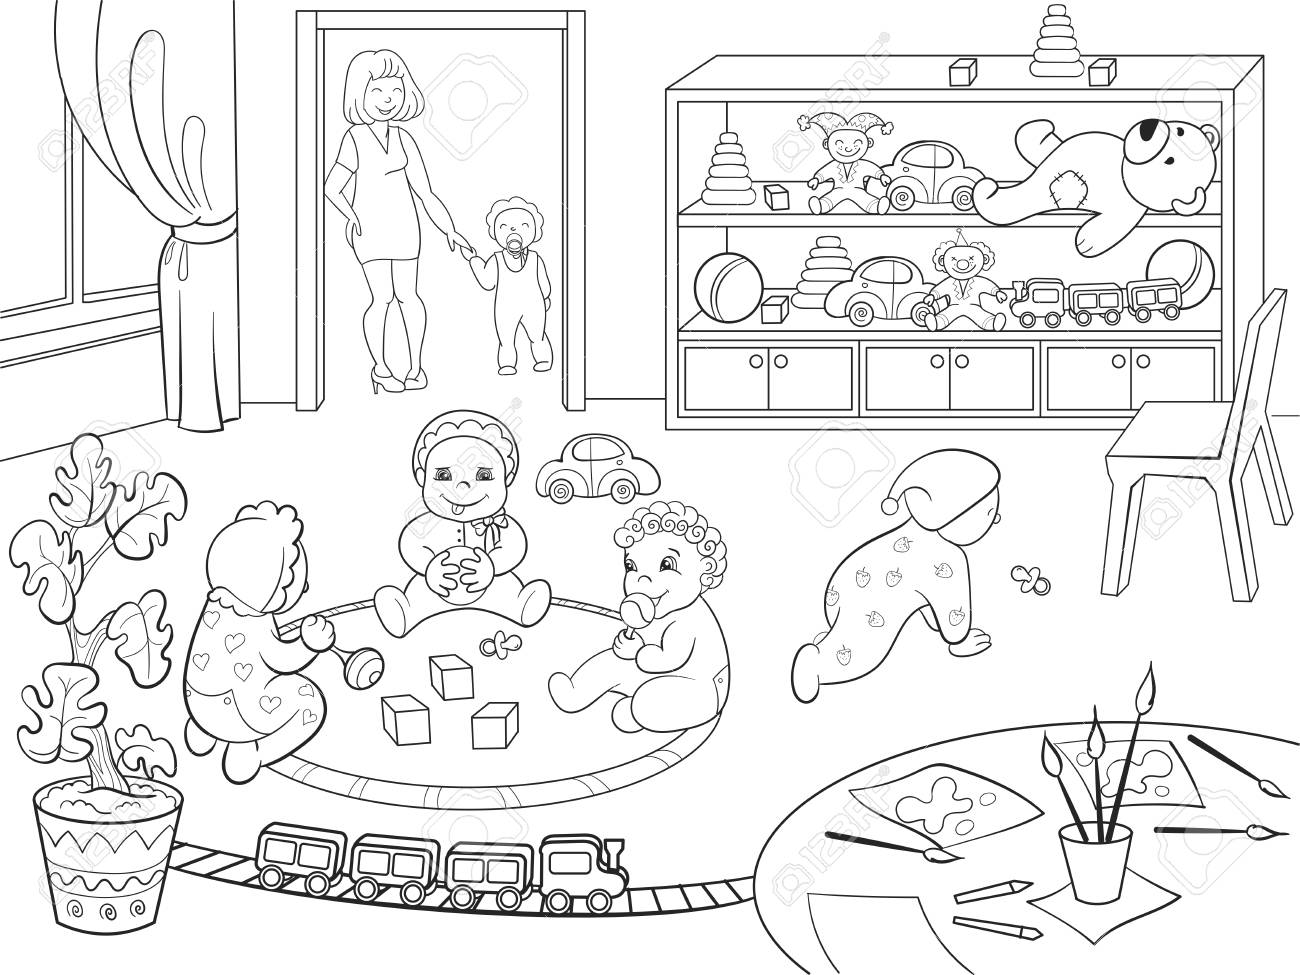 Libro De Colorear Del Jardín De La Infancia Para La Ilustración De La Trama De La Historieta De Los Niños Estilo Zentangle En Blanco Y Negro